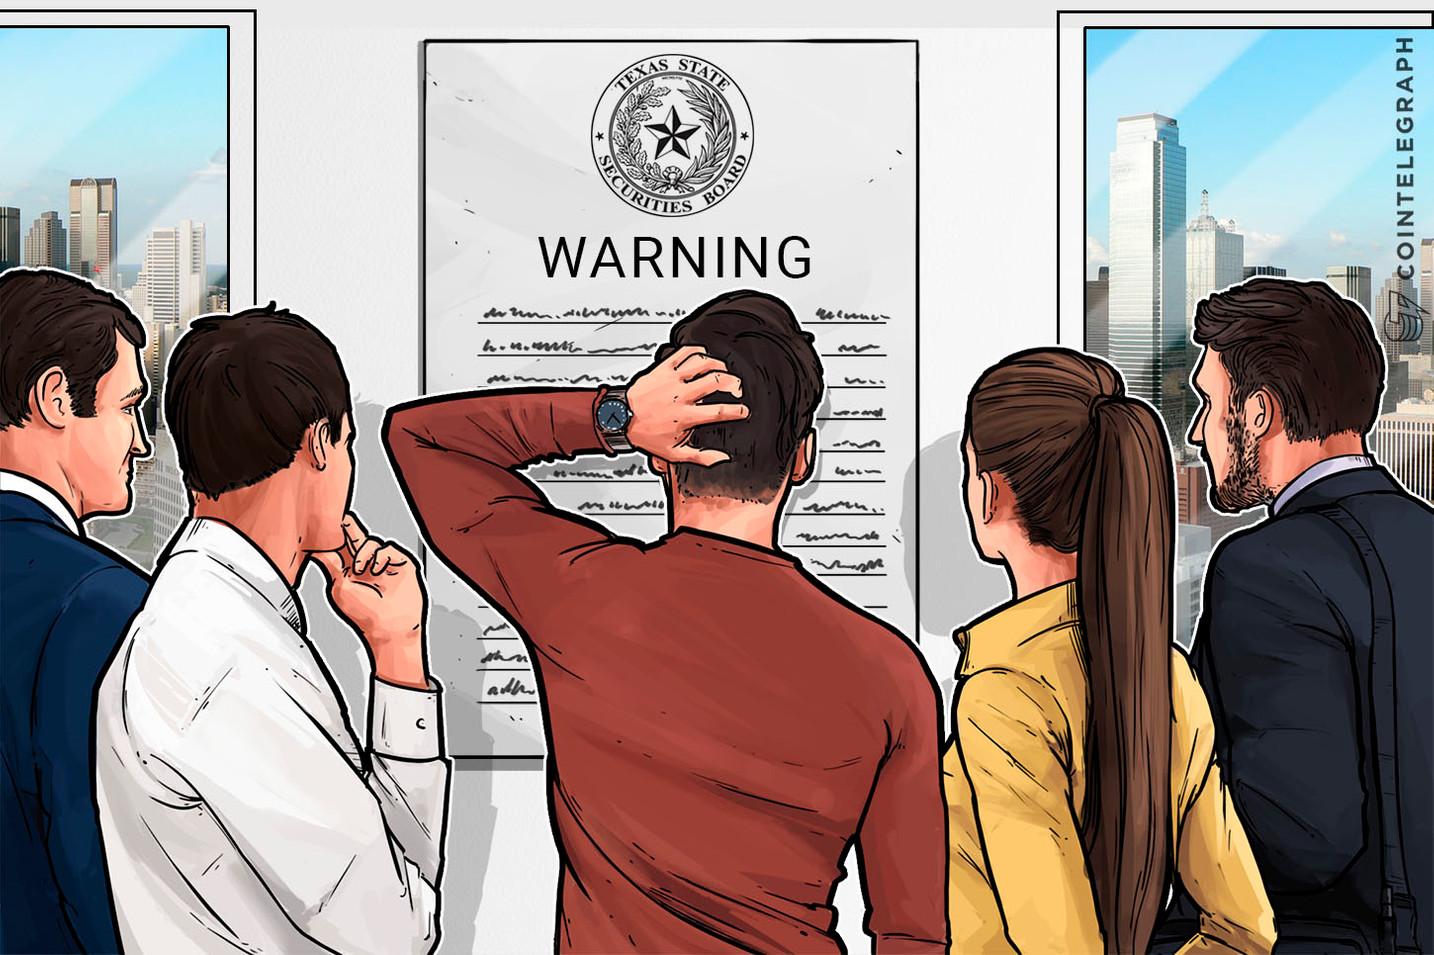 """الهيئة التنظيمية بتكساس تُجري تحقيقًا مع ٣٢ شركة عملات رقمية، محذرةً من """"انتشار الاحتيال"""""""